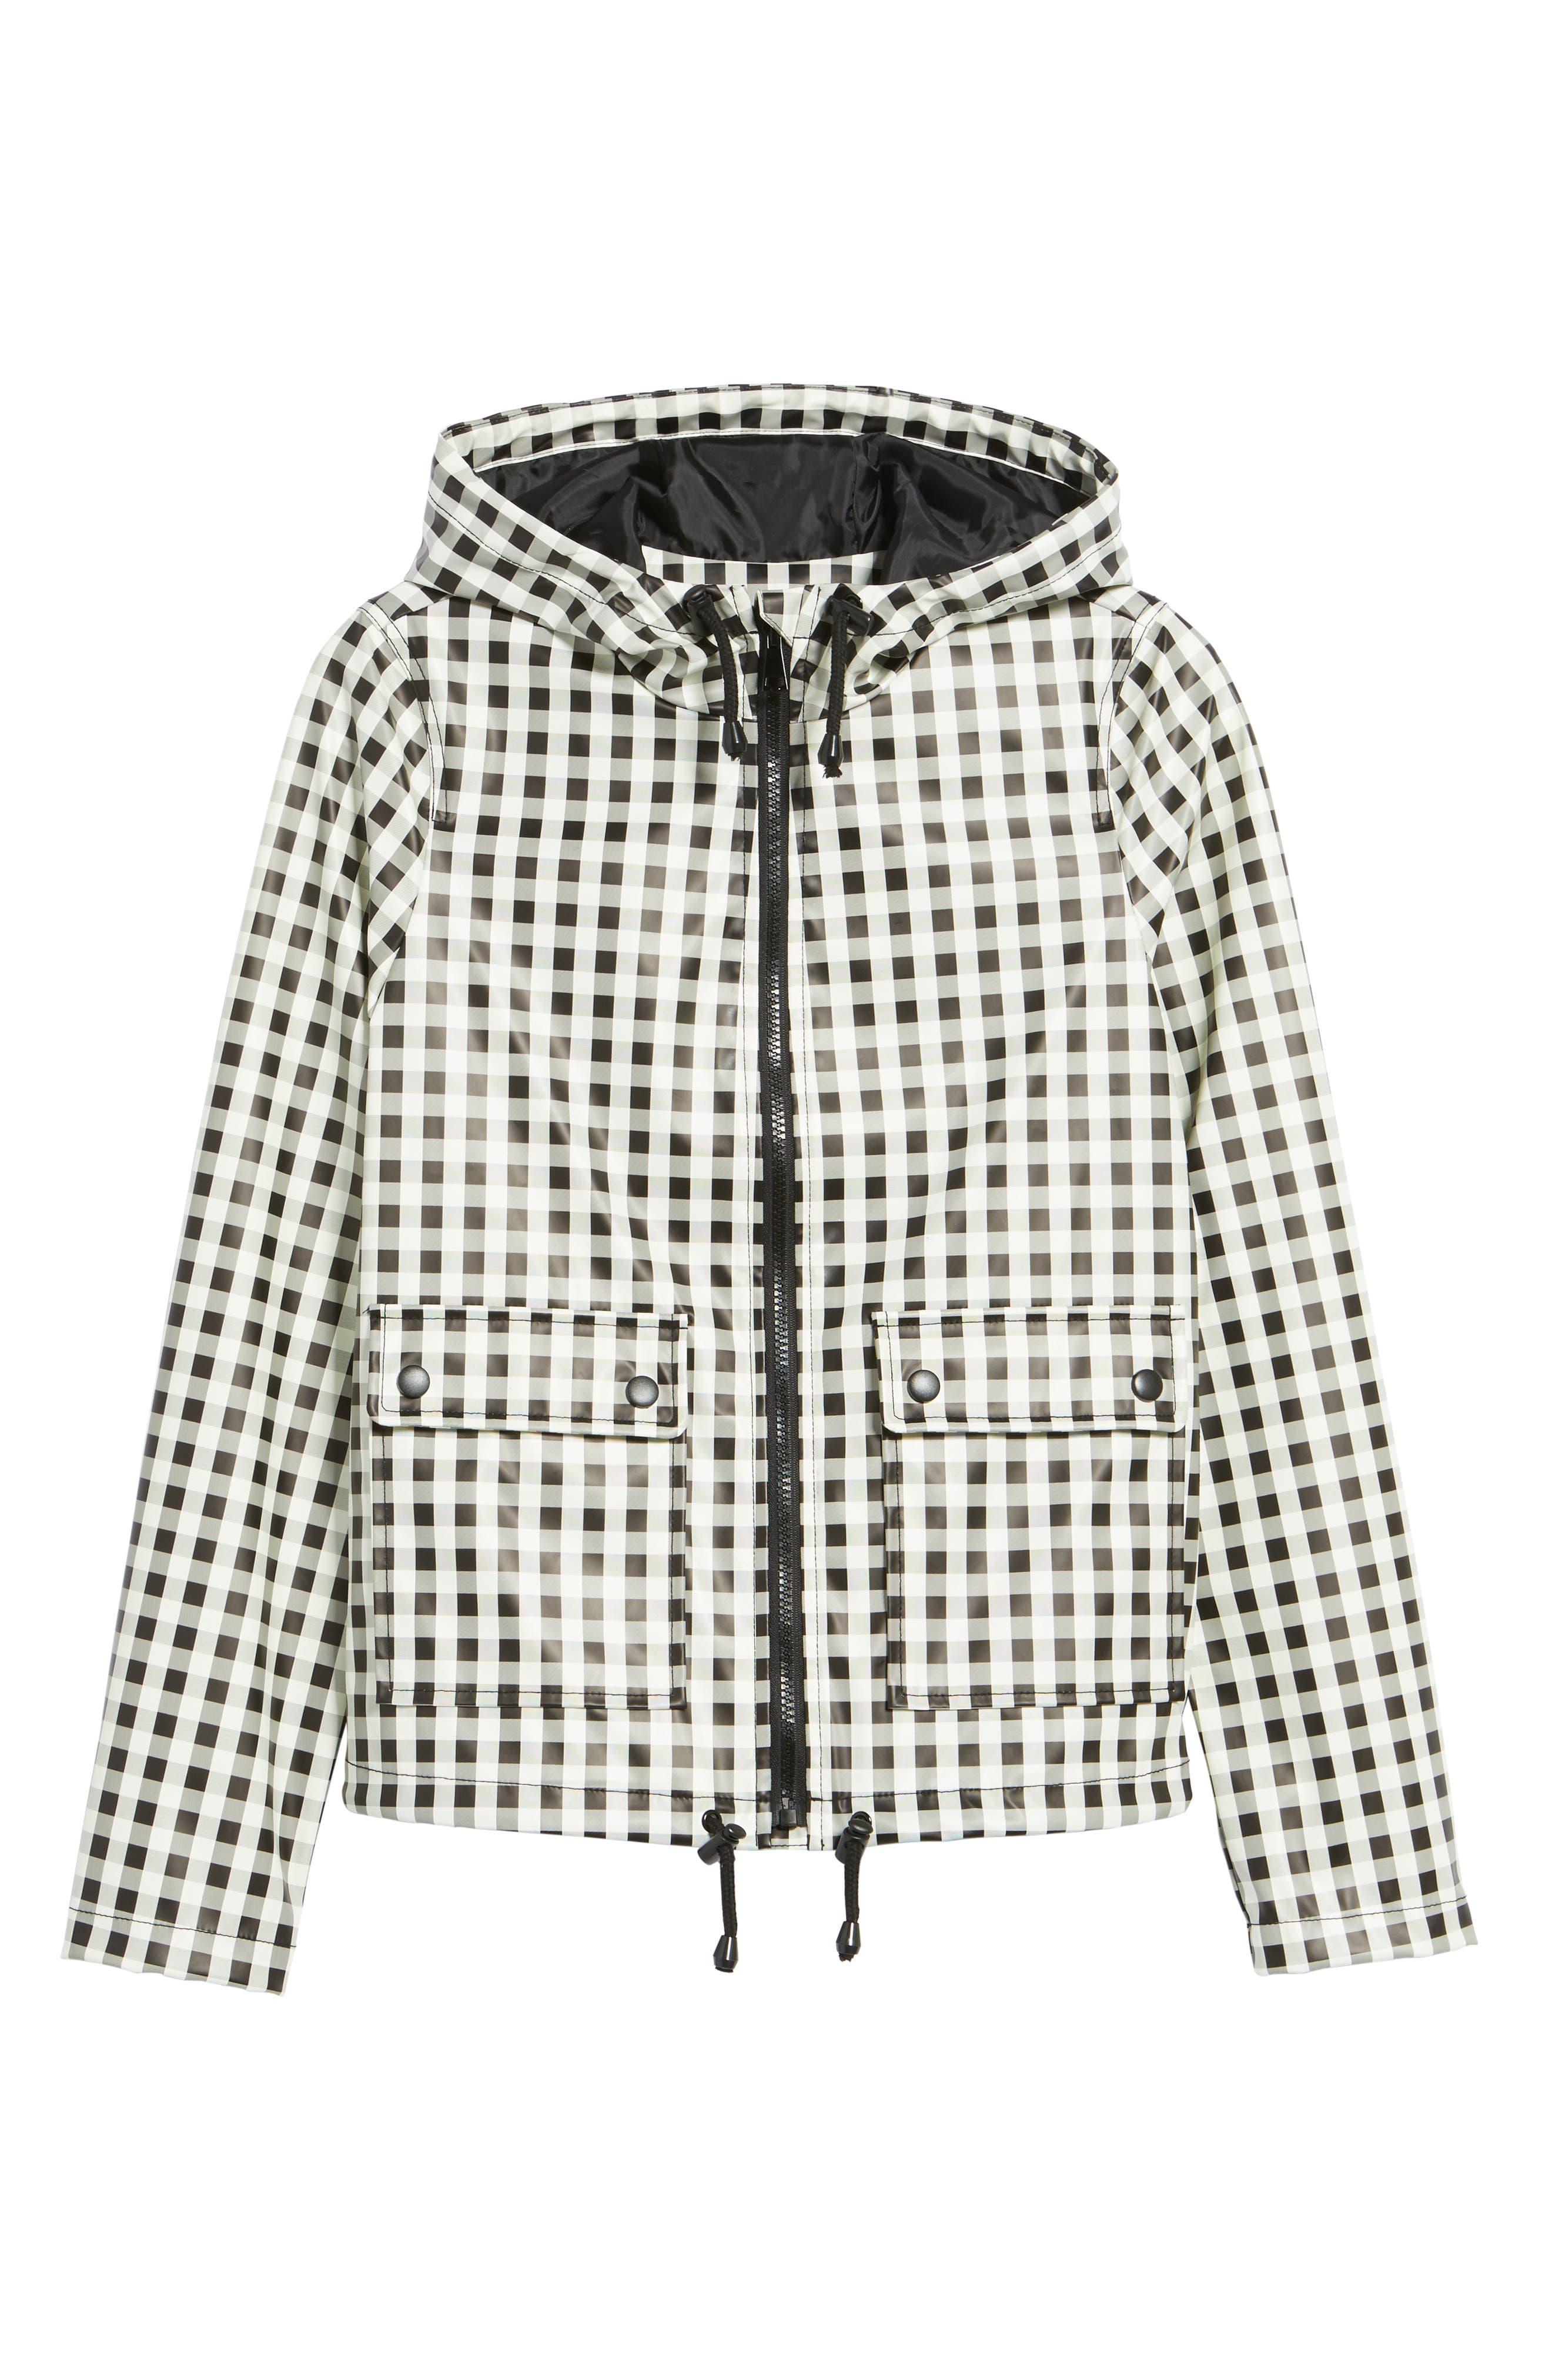 Gingham Hooded Rain Jacket,                             Alternate thumbnail 7, color,                             Black/ White